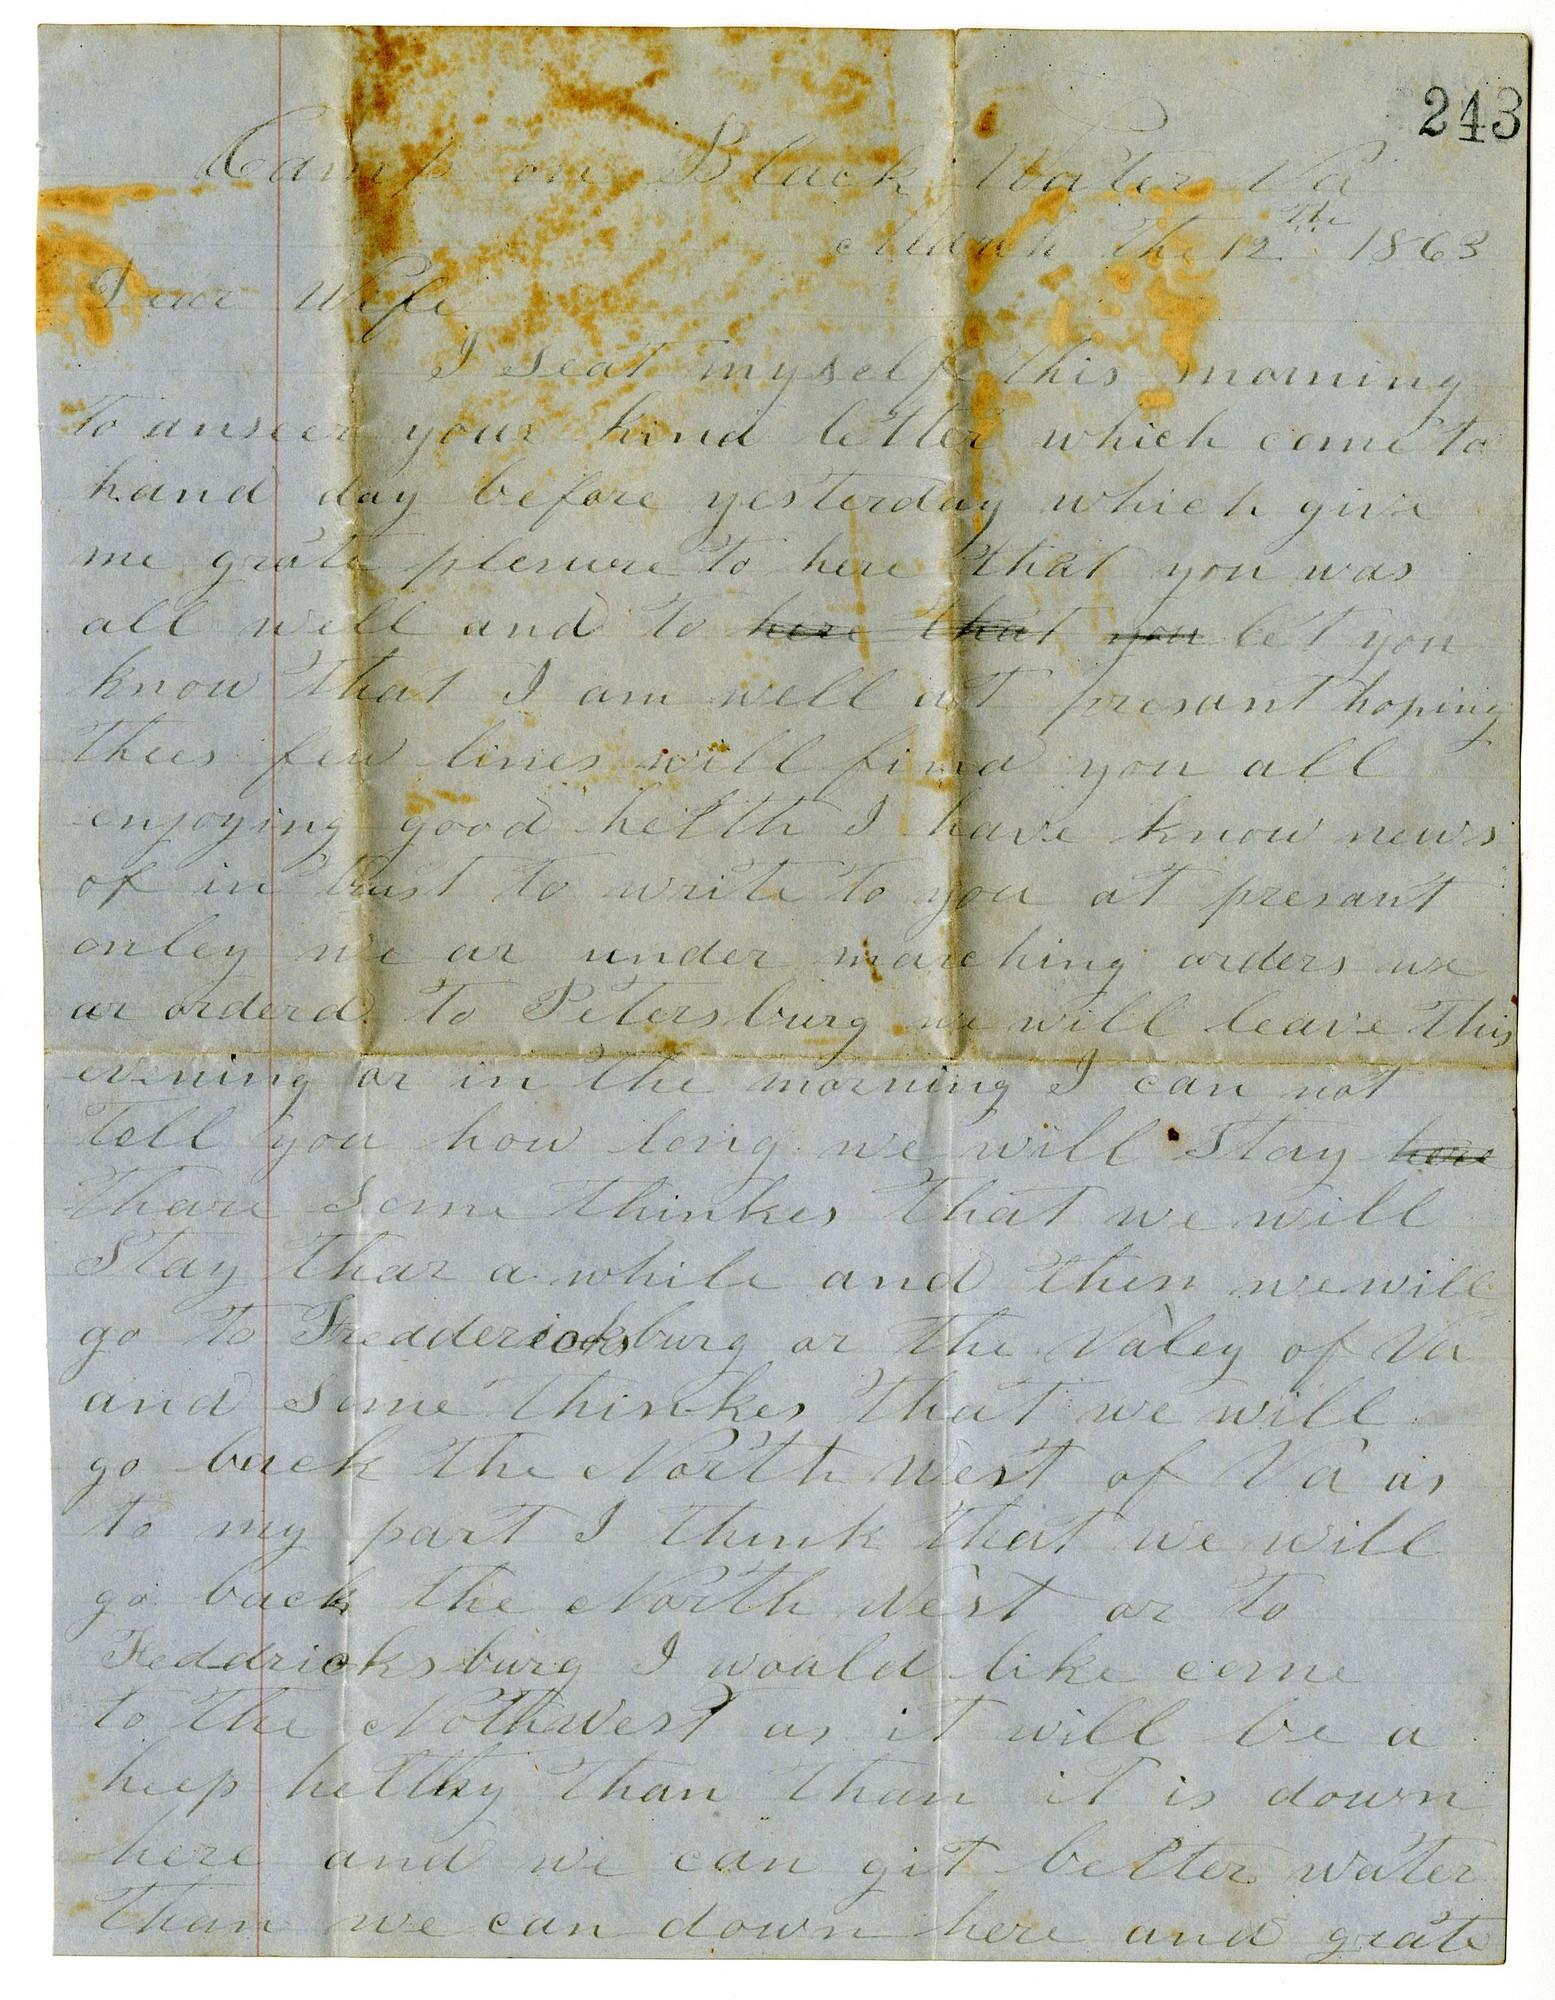 Ms1998_001_HuffHylton_Letter_1863_0312a.jpg